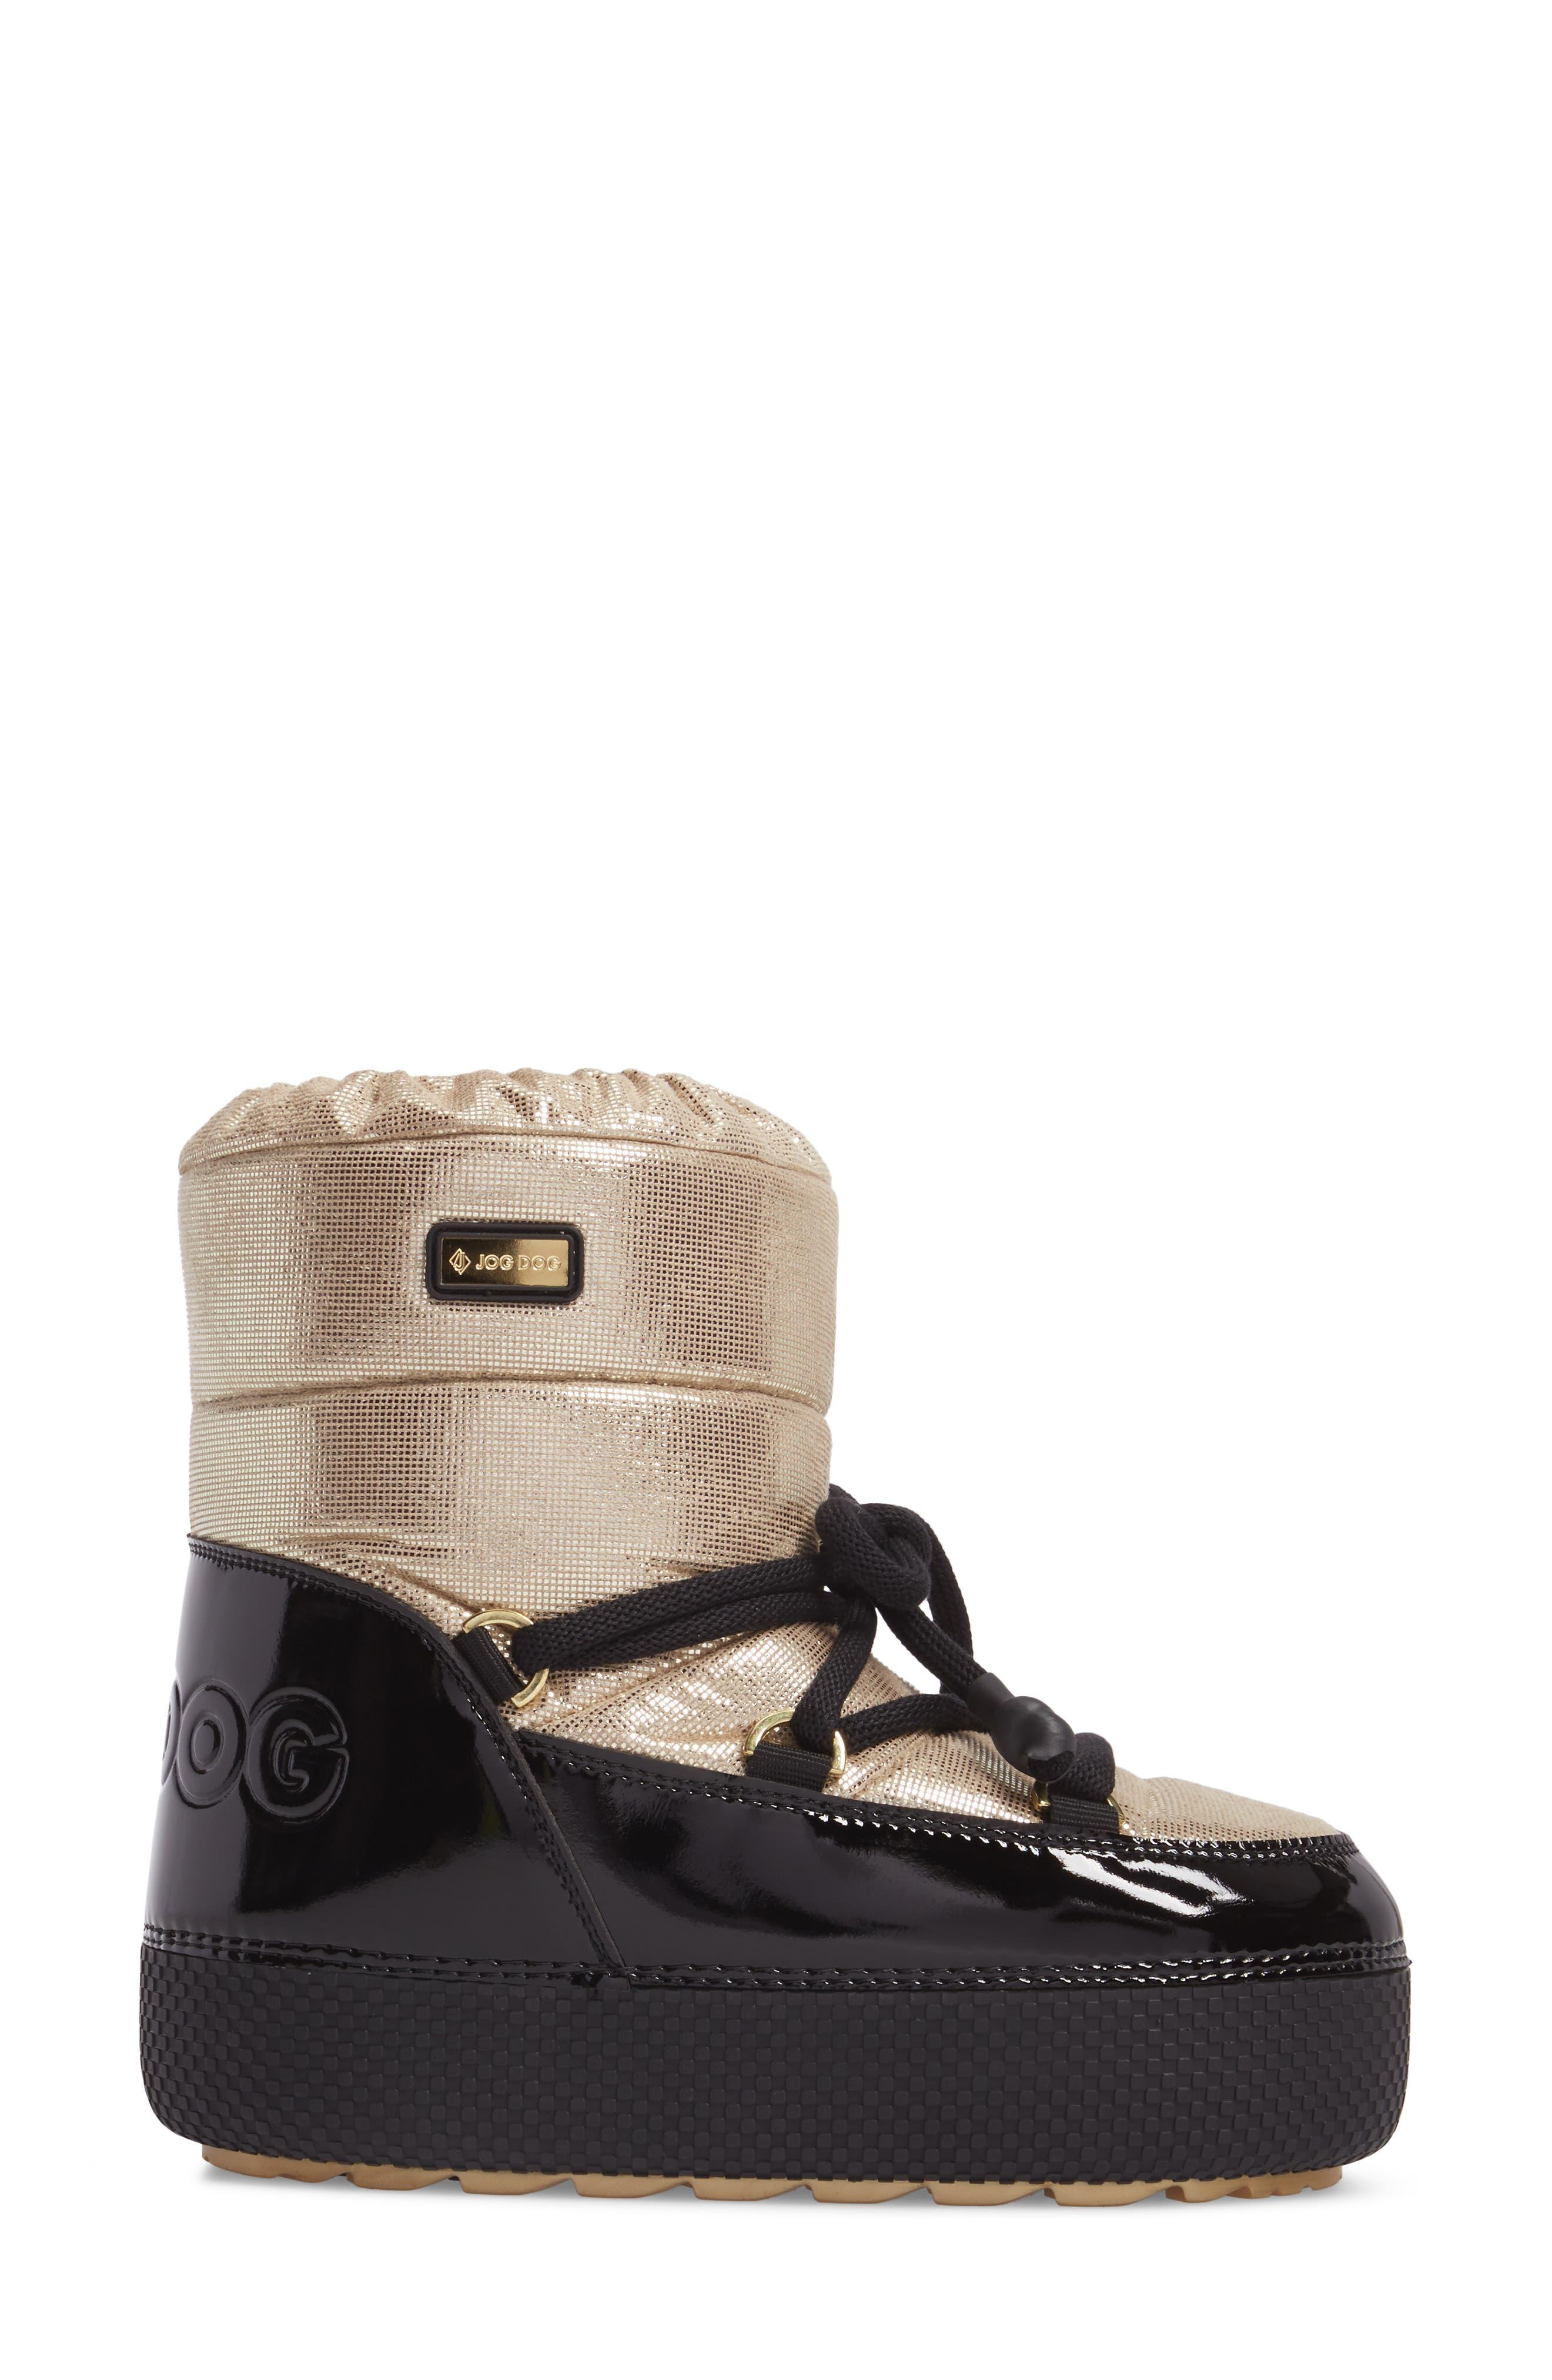 Alternate Image 3  - JOG DOG Gstaad Waterproof Boot (Women)